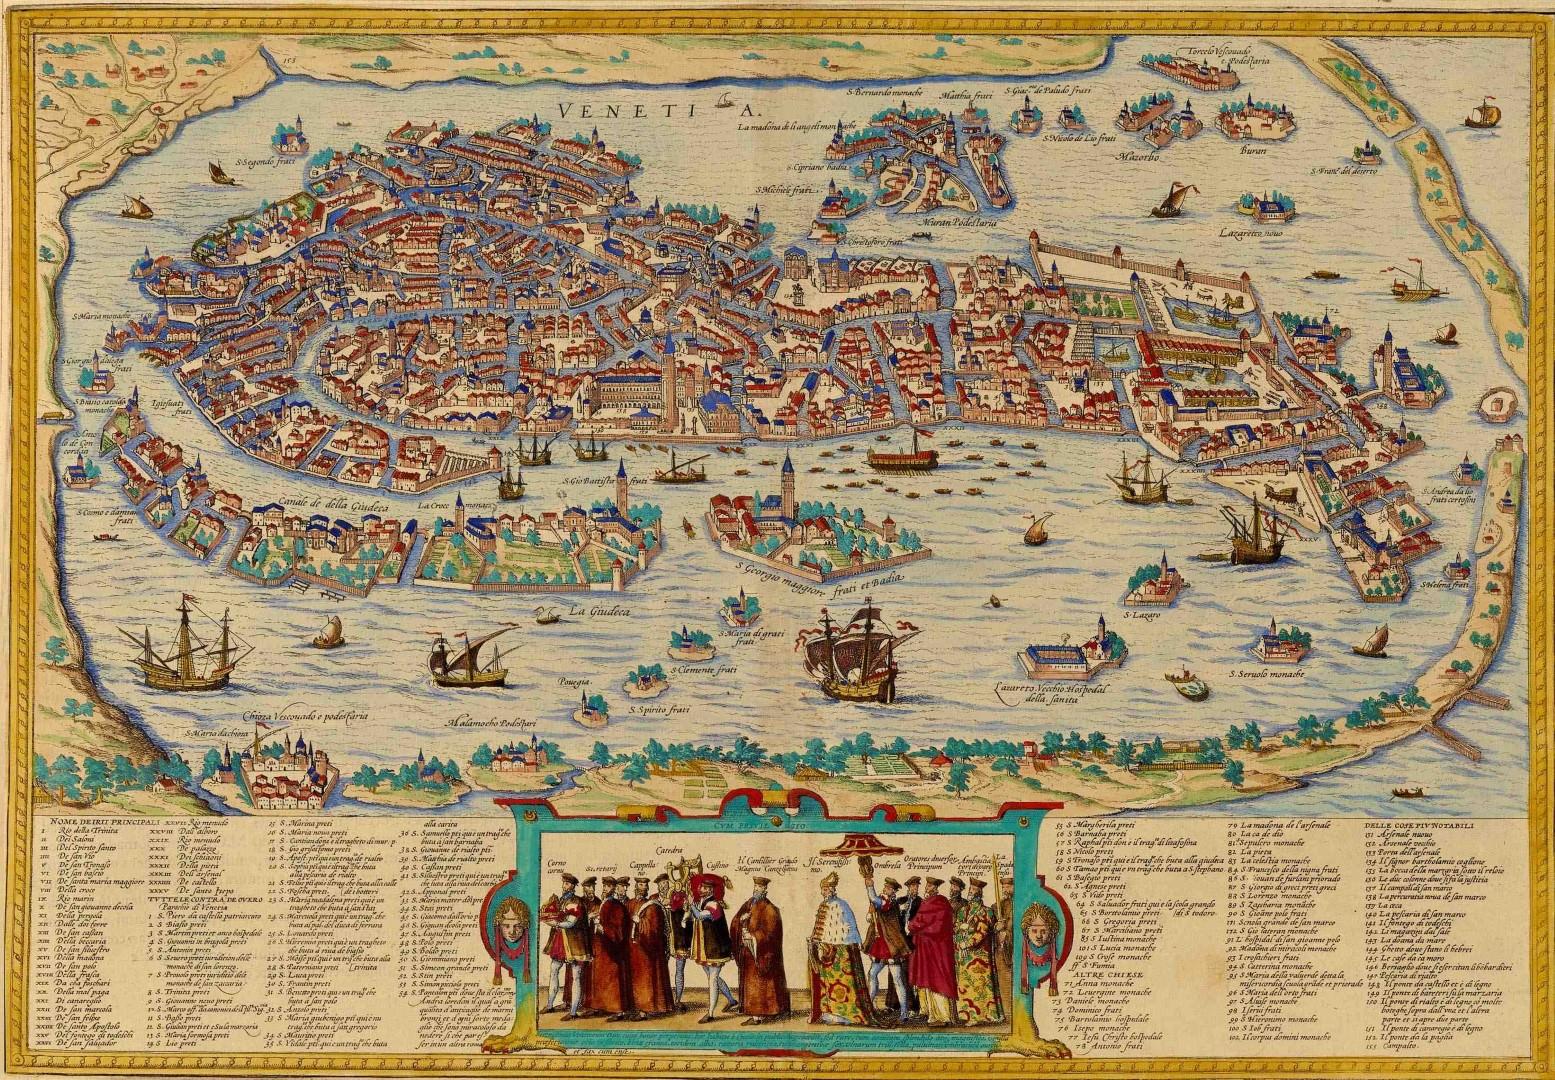 Zemljevid Benetk iz 16. stoletja.